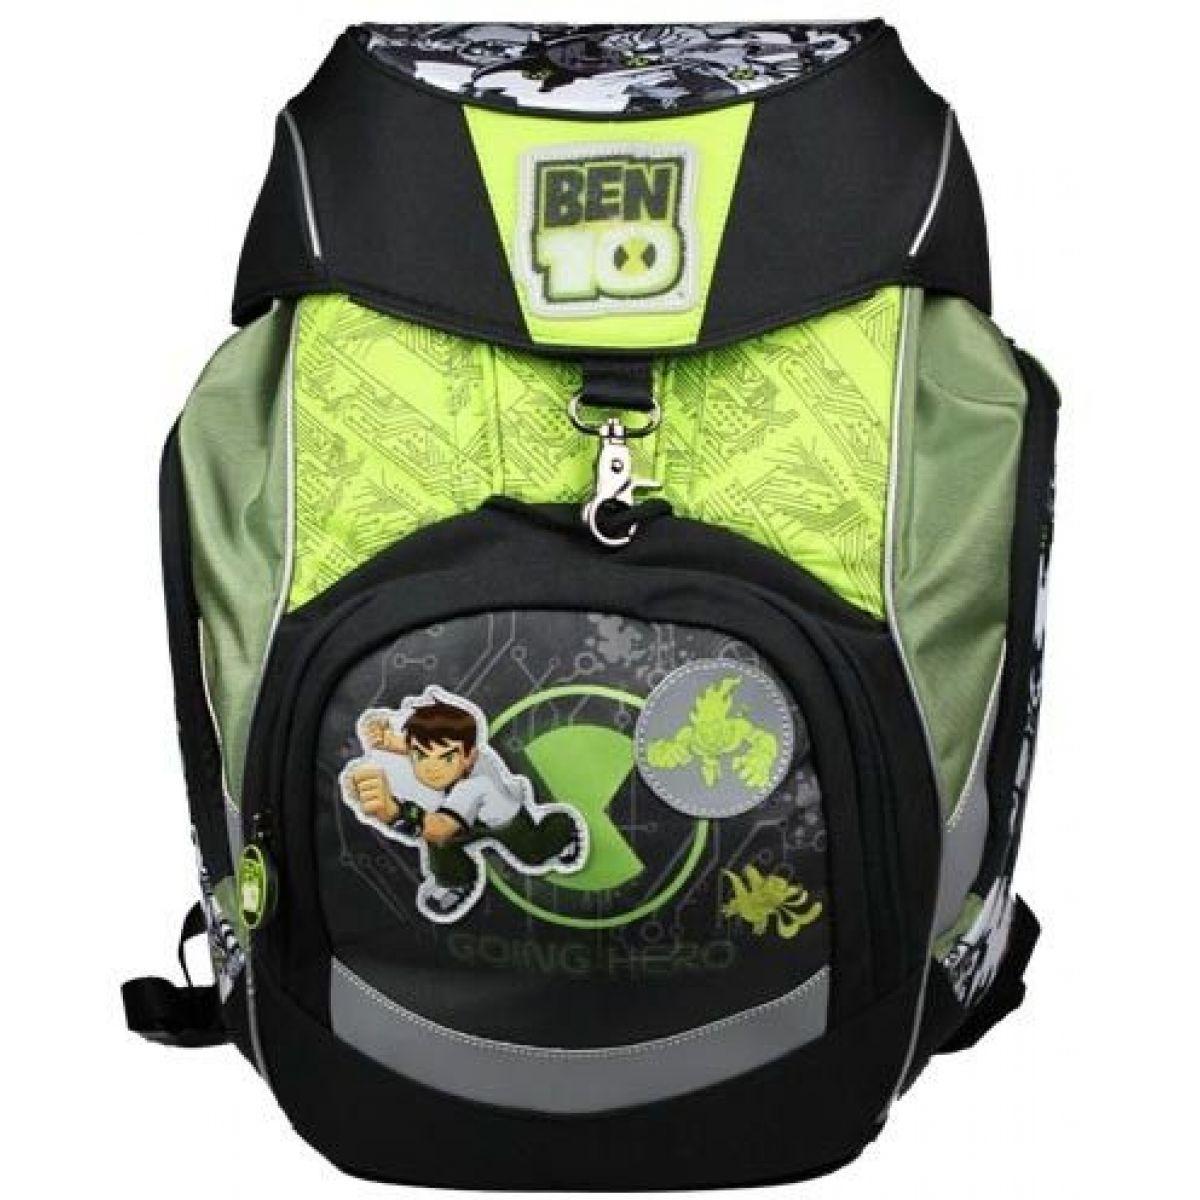 e82bddcafe Ben 10 Školní batoh 3-5 třída